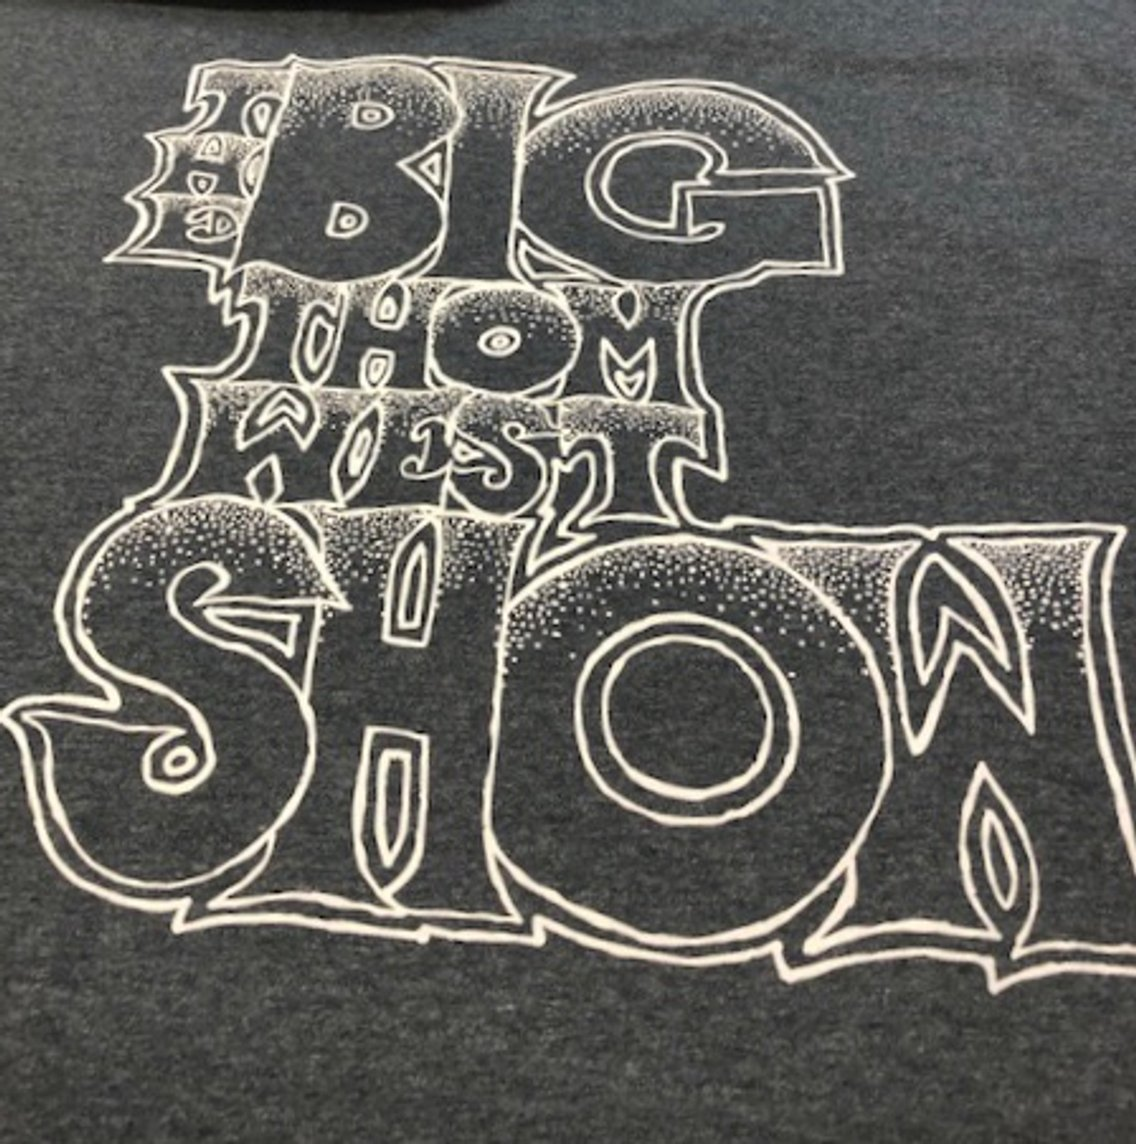 The Big Thom West Show - immagine di copertina